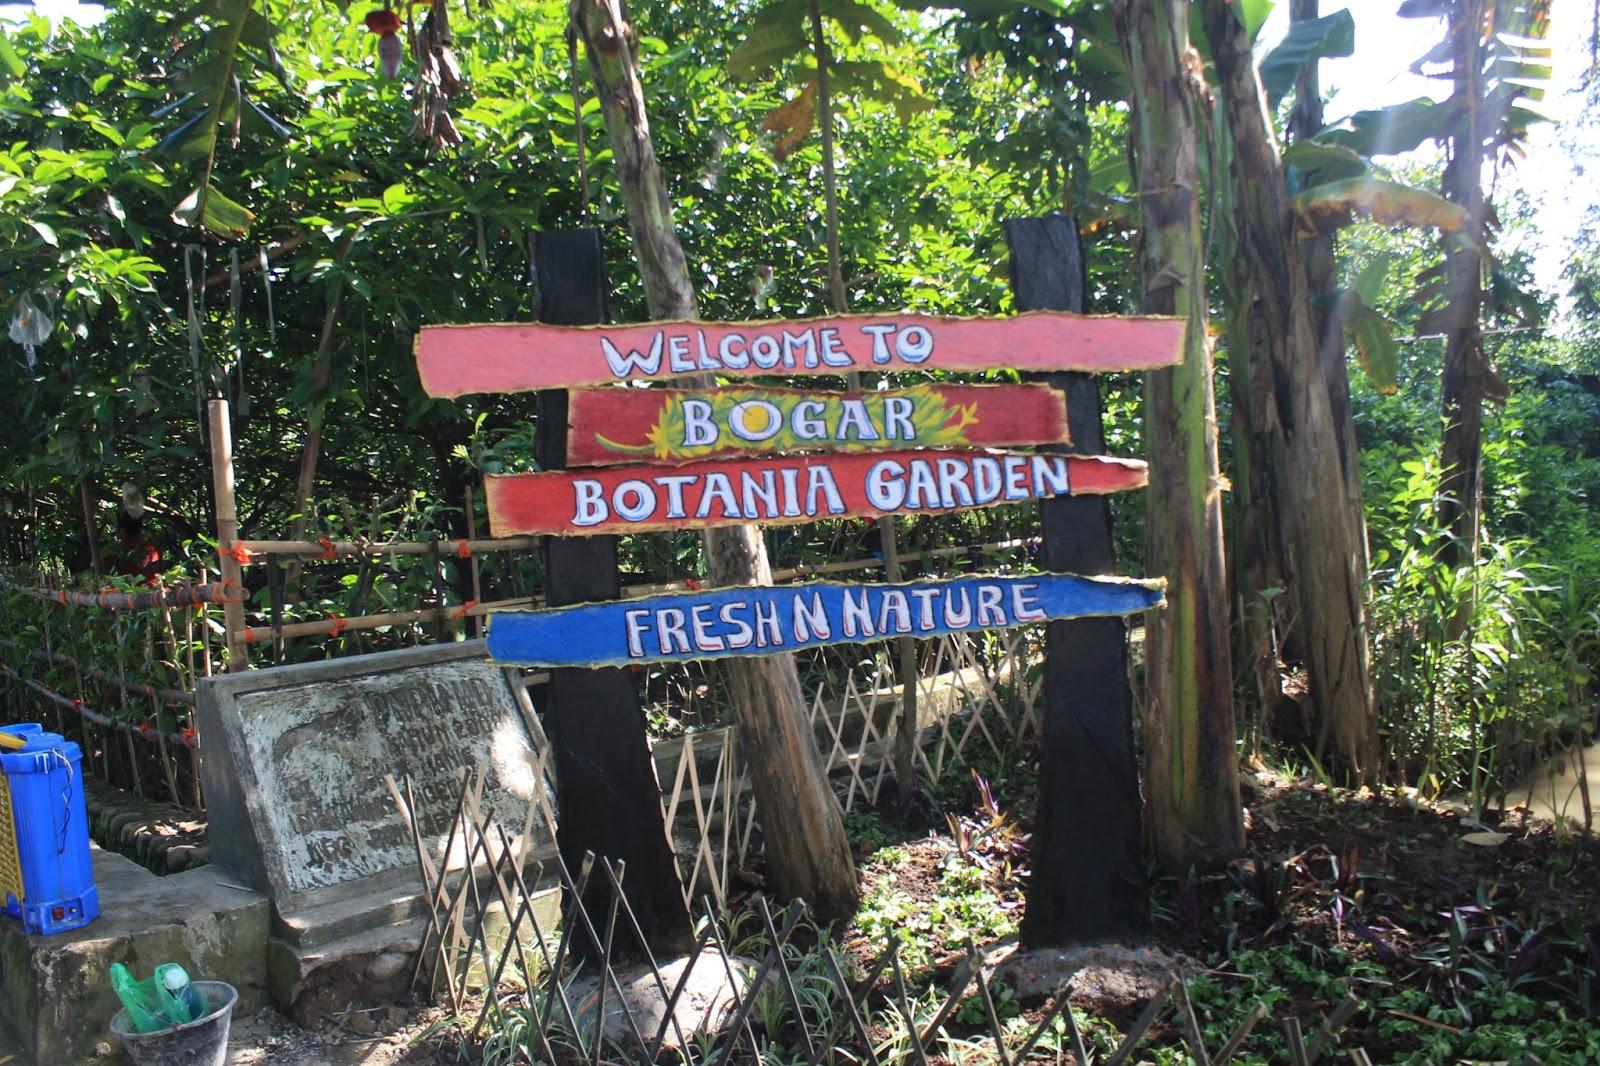 Botania Garden